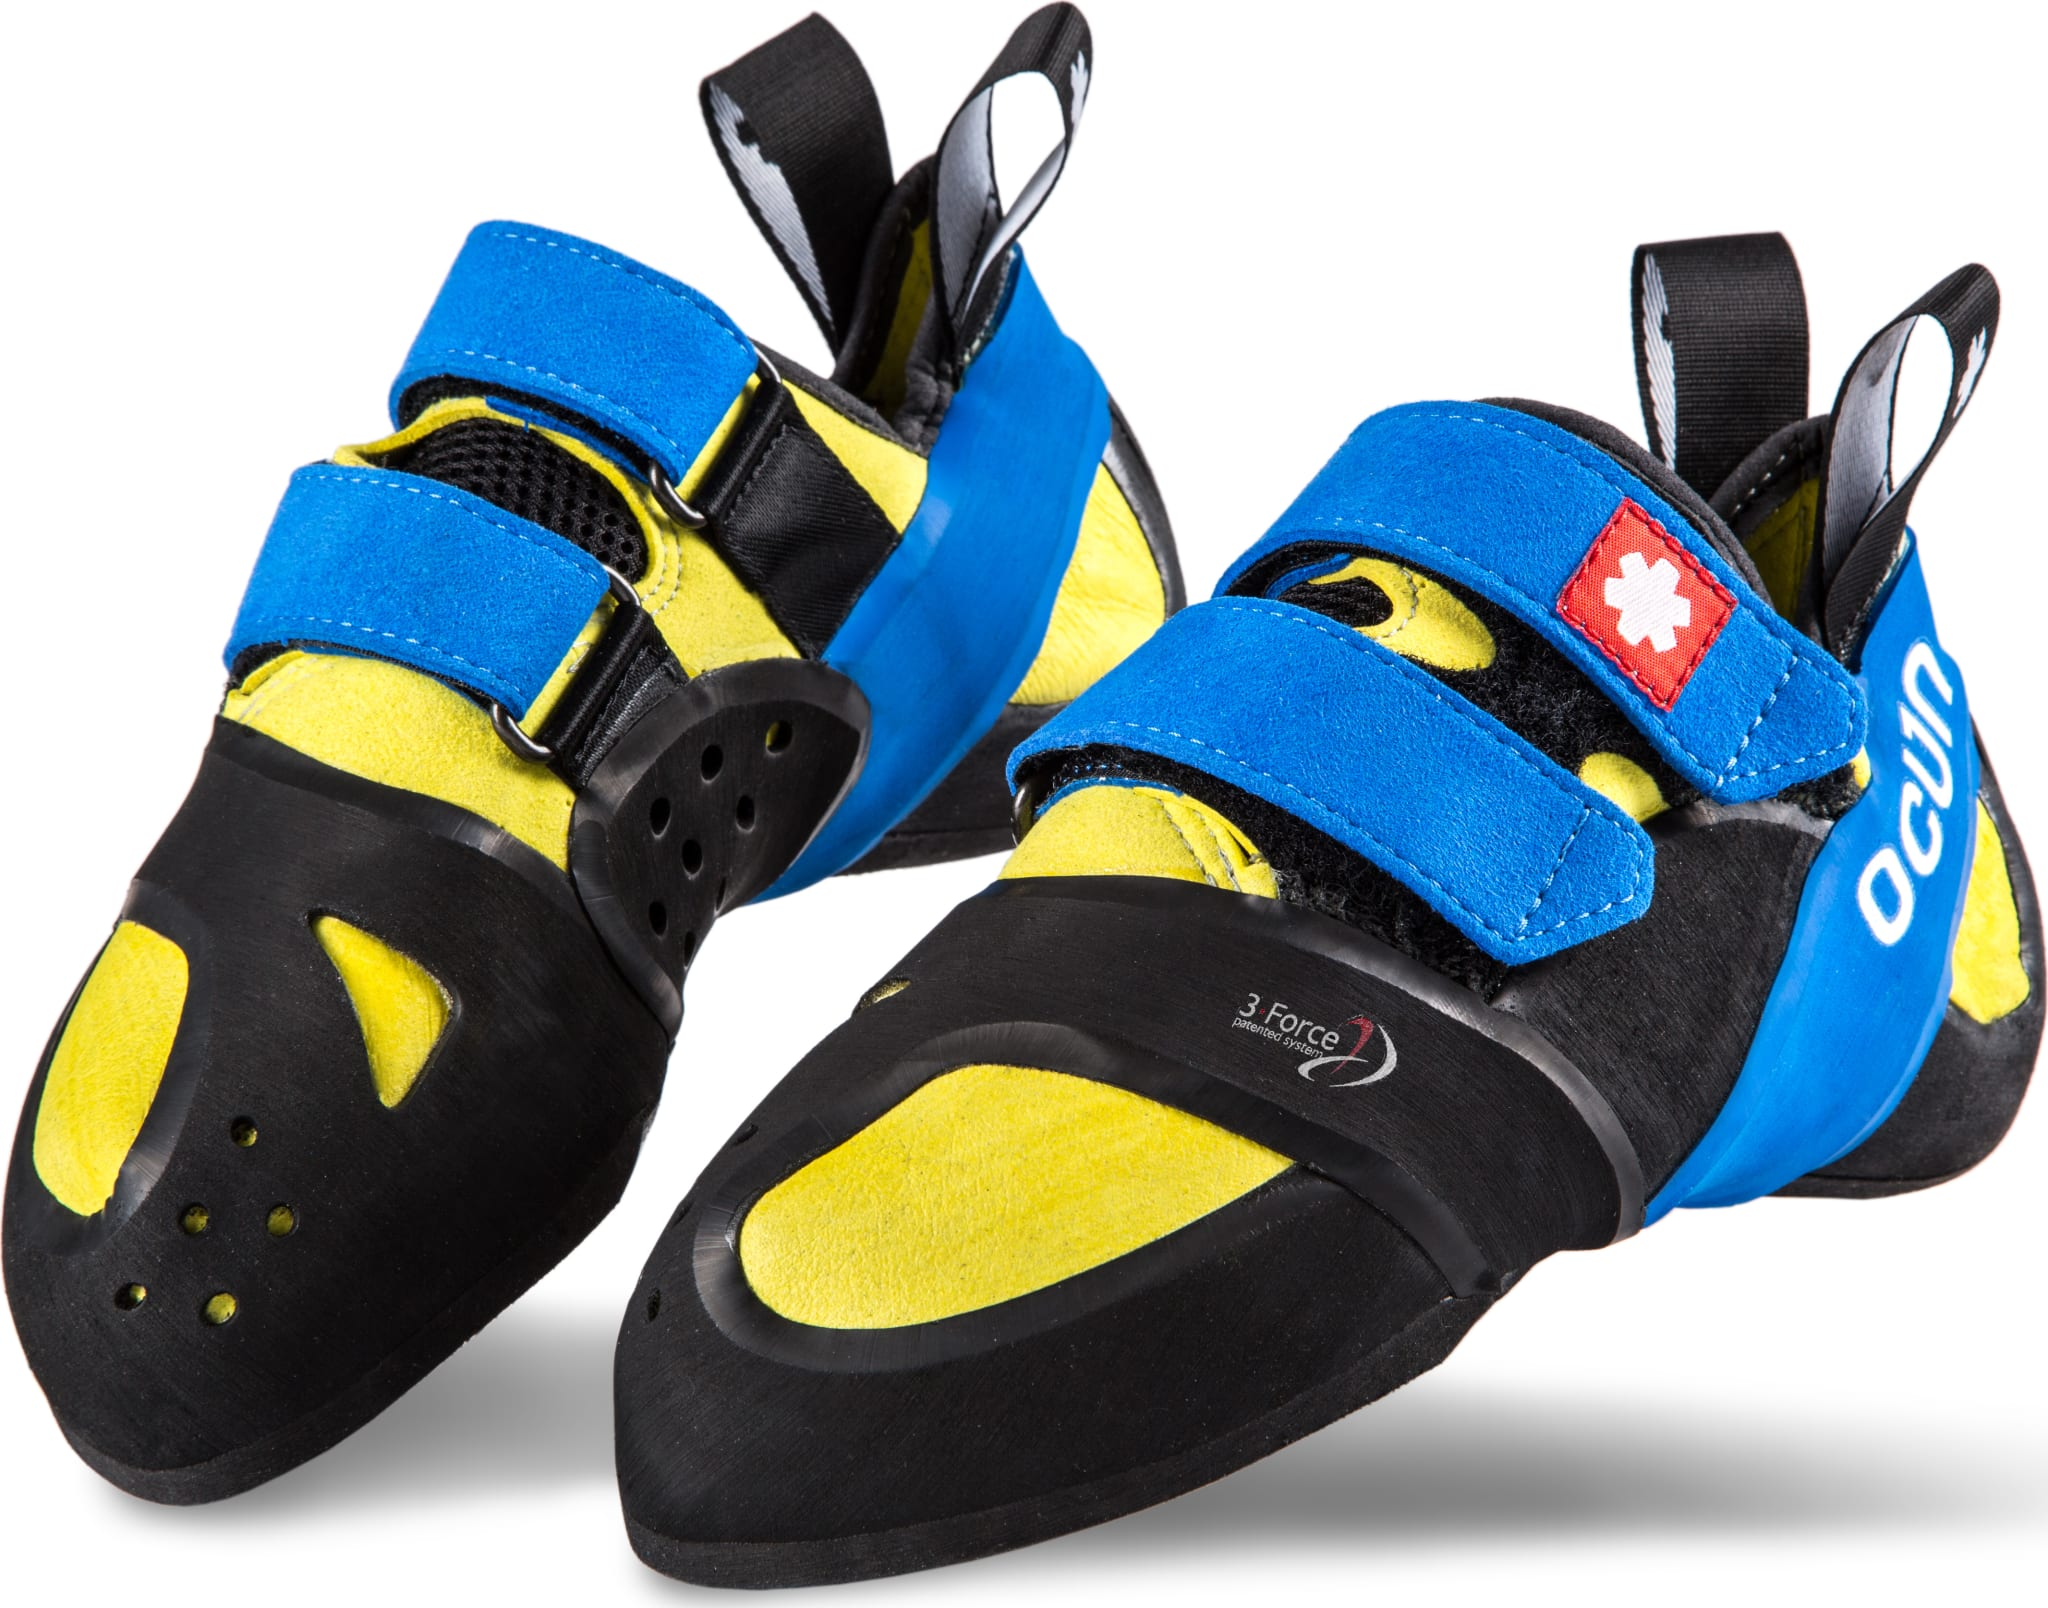 Presis sko til buldring og sportsklatring